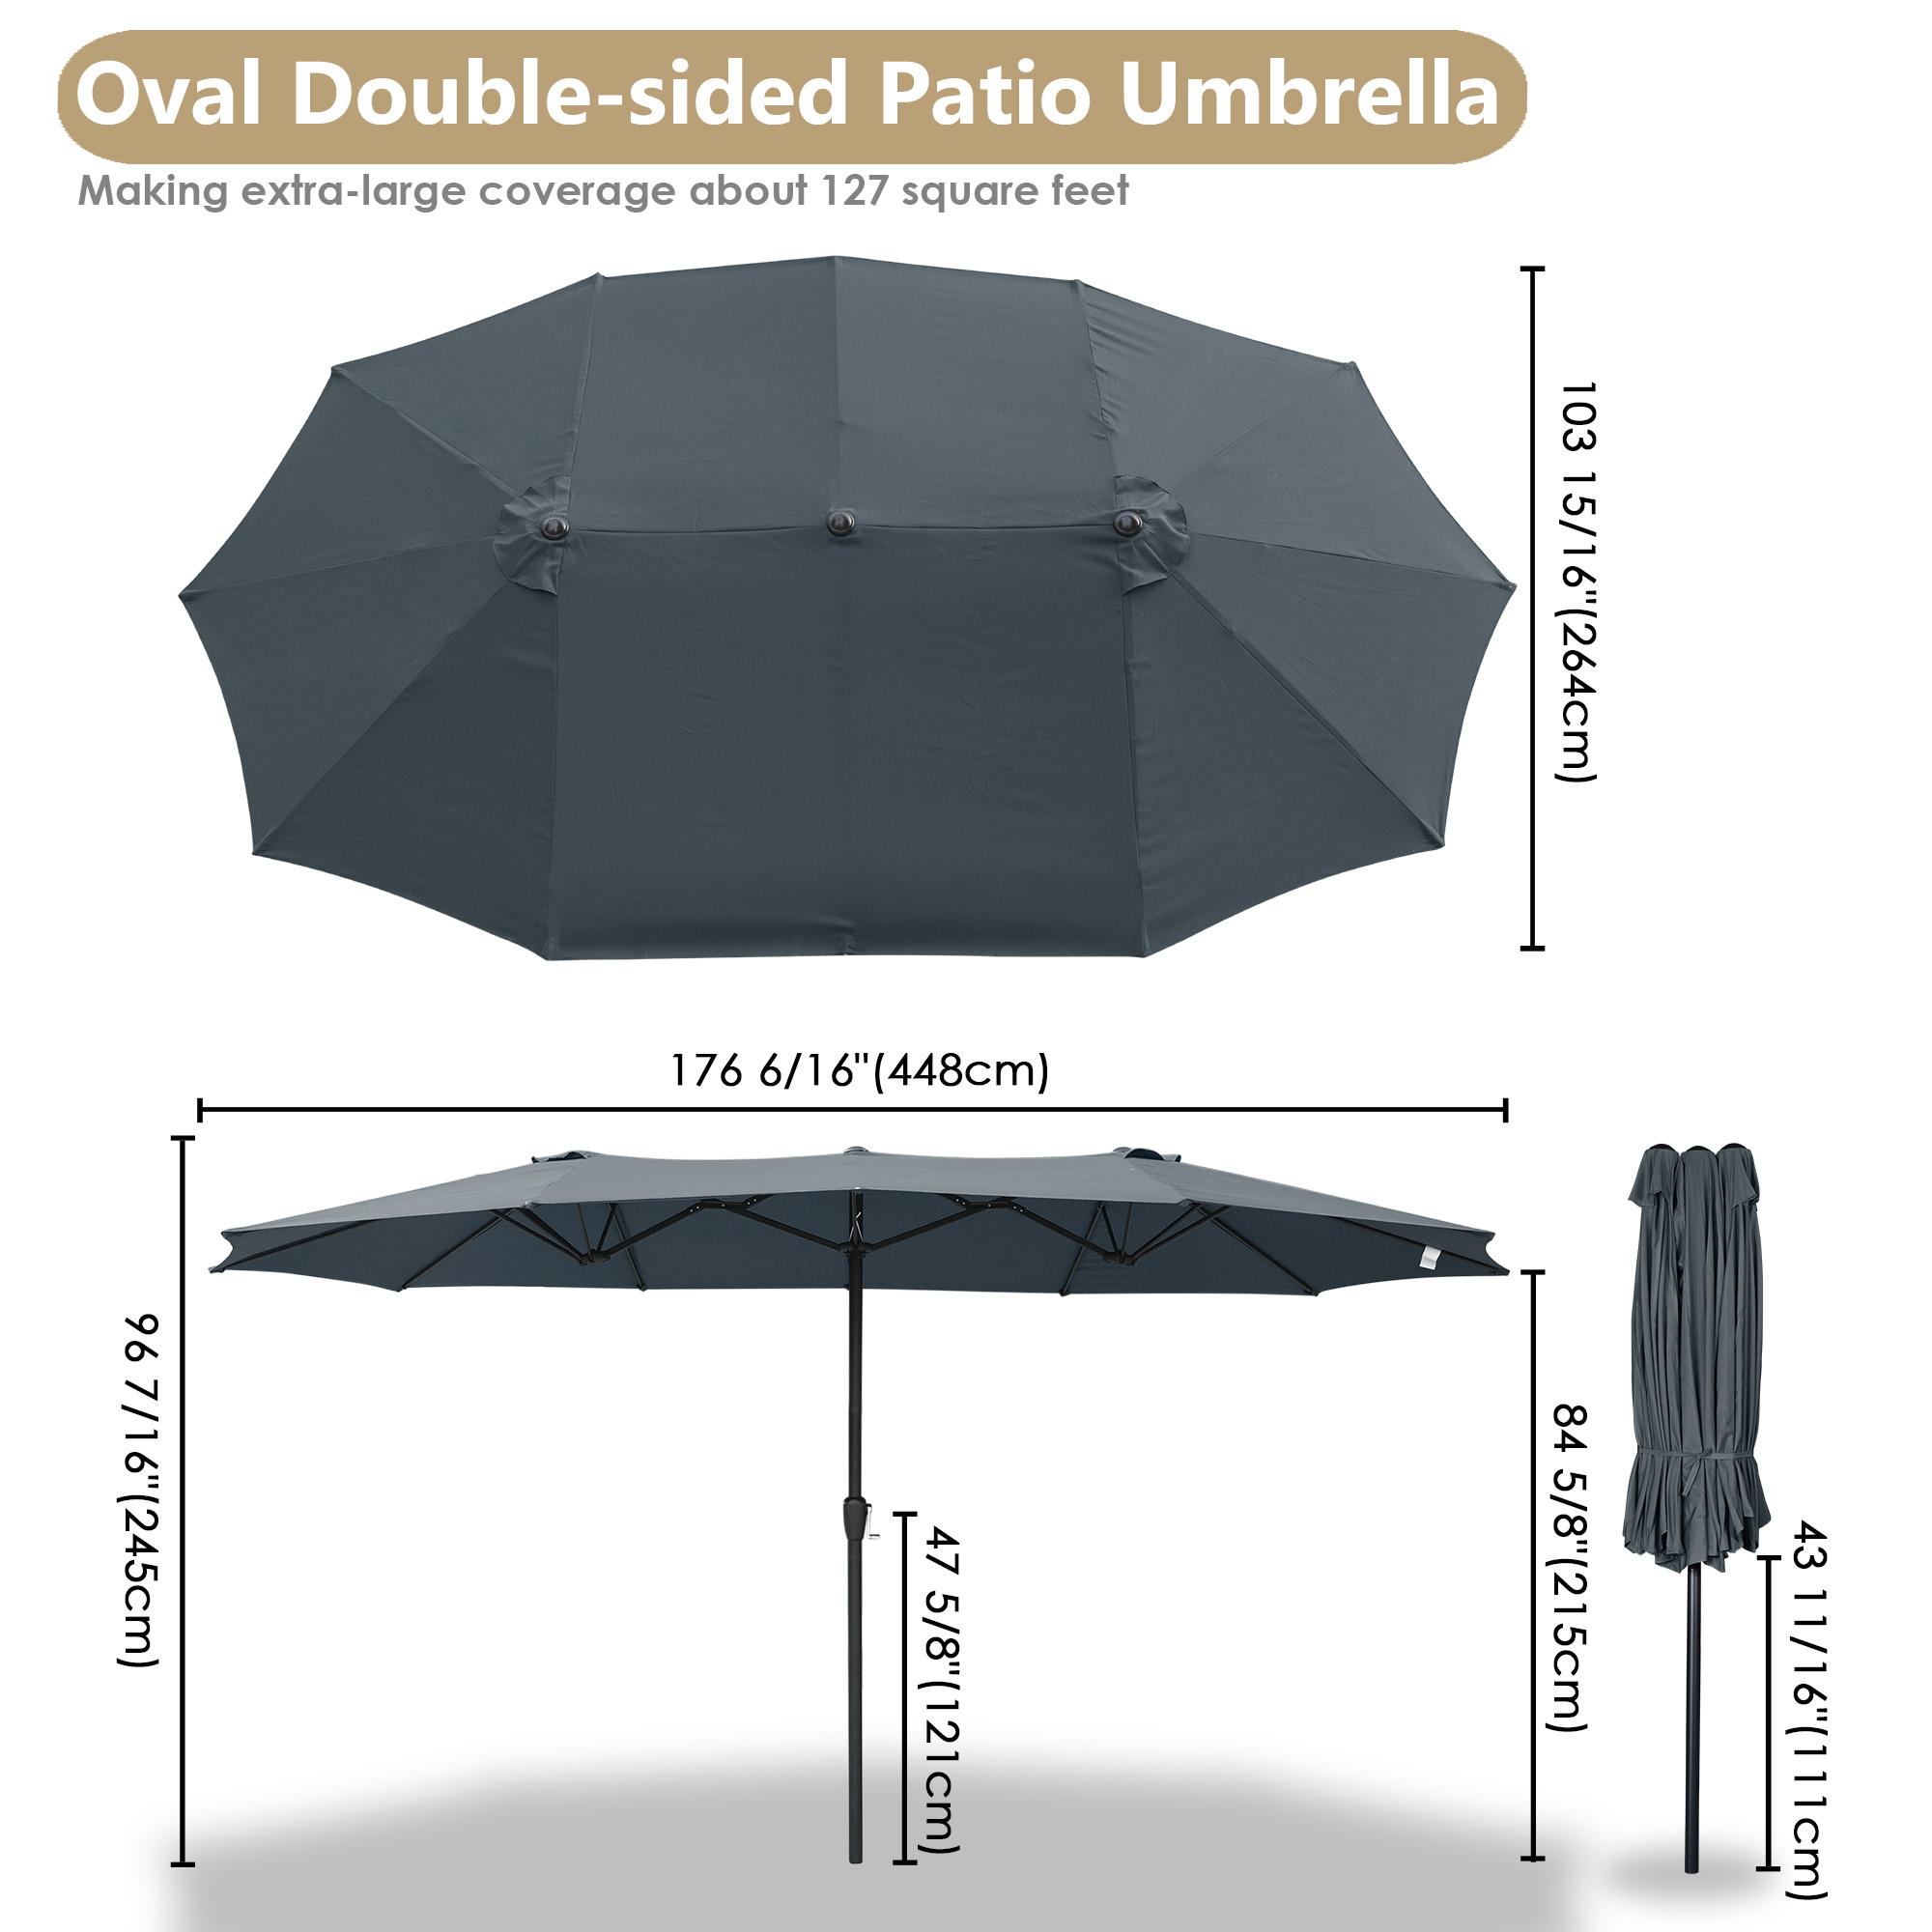 thumbnail 32 - 15ft Patio Twin Umbrella Double-sided Market Crank Outdoor Garden Parasol Shade